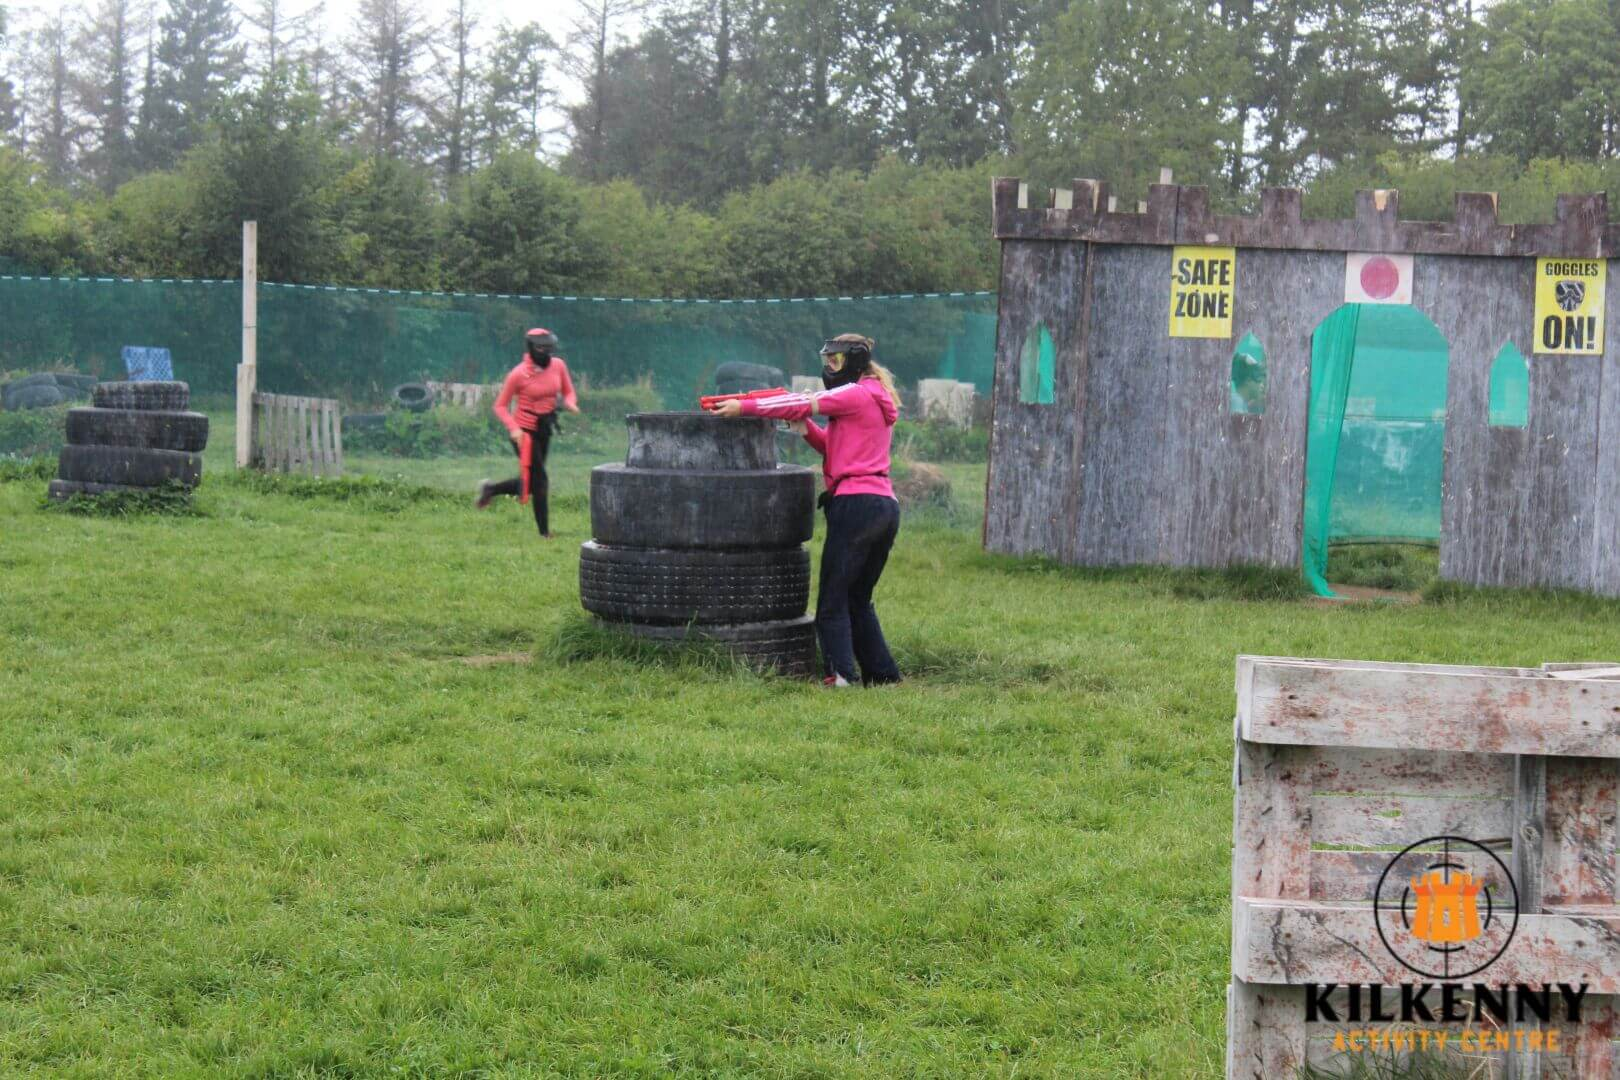 Splatball Kilkenny